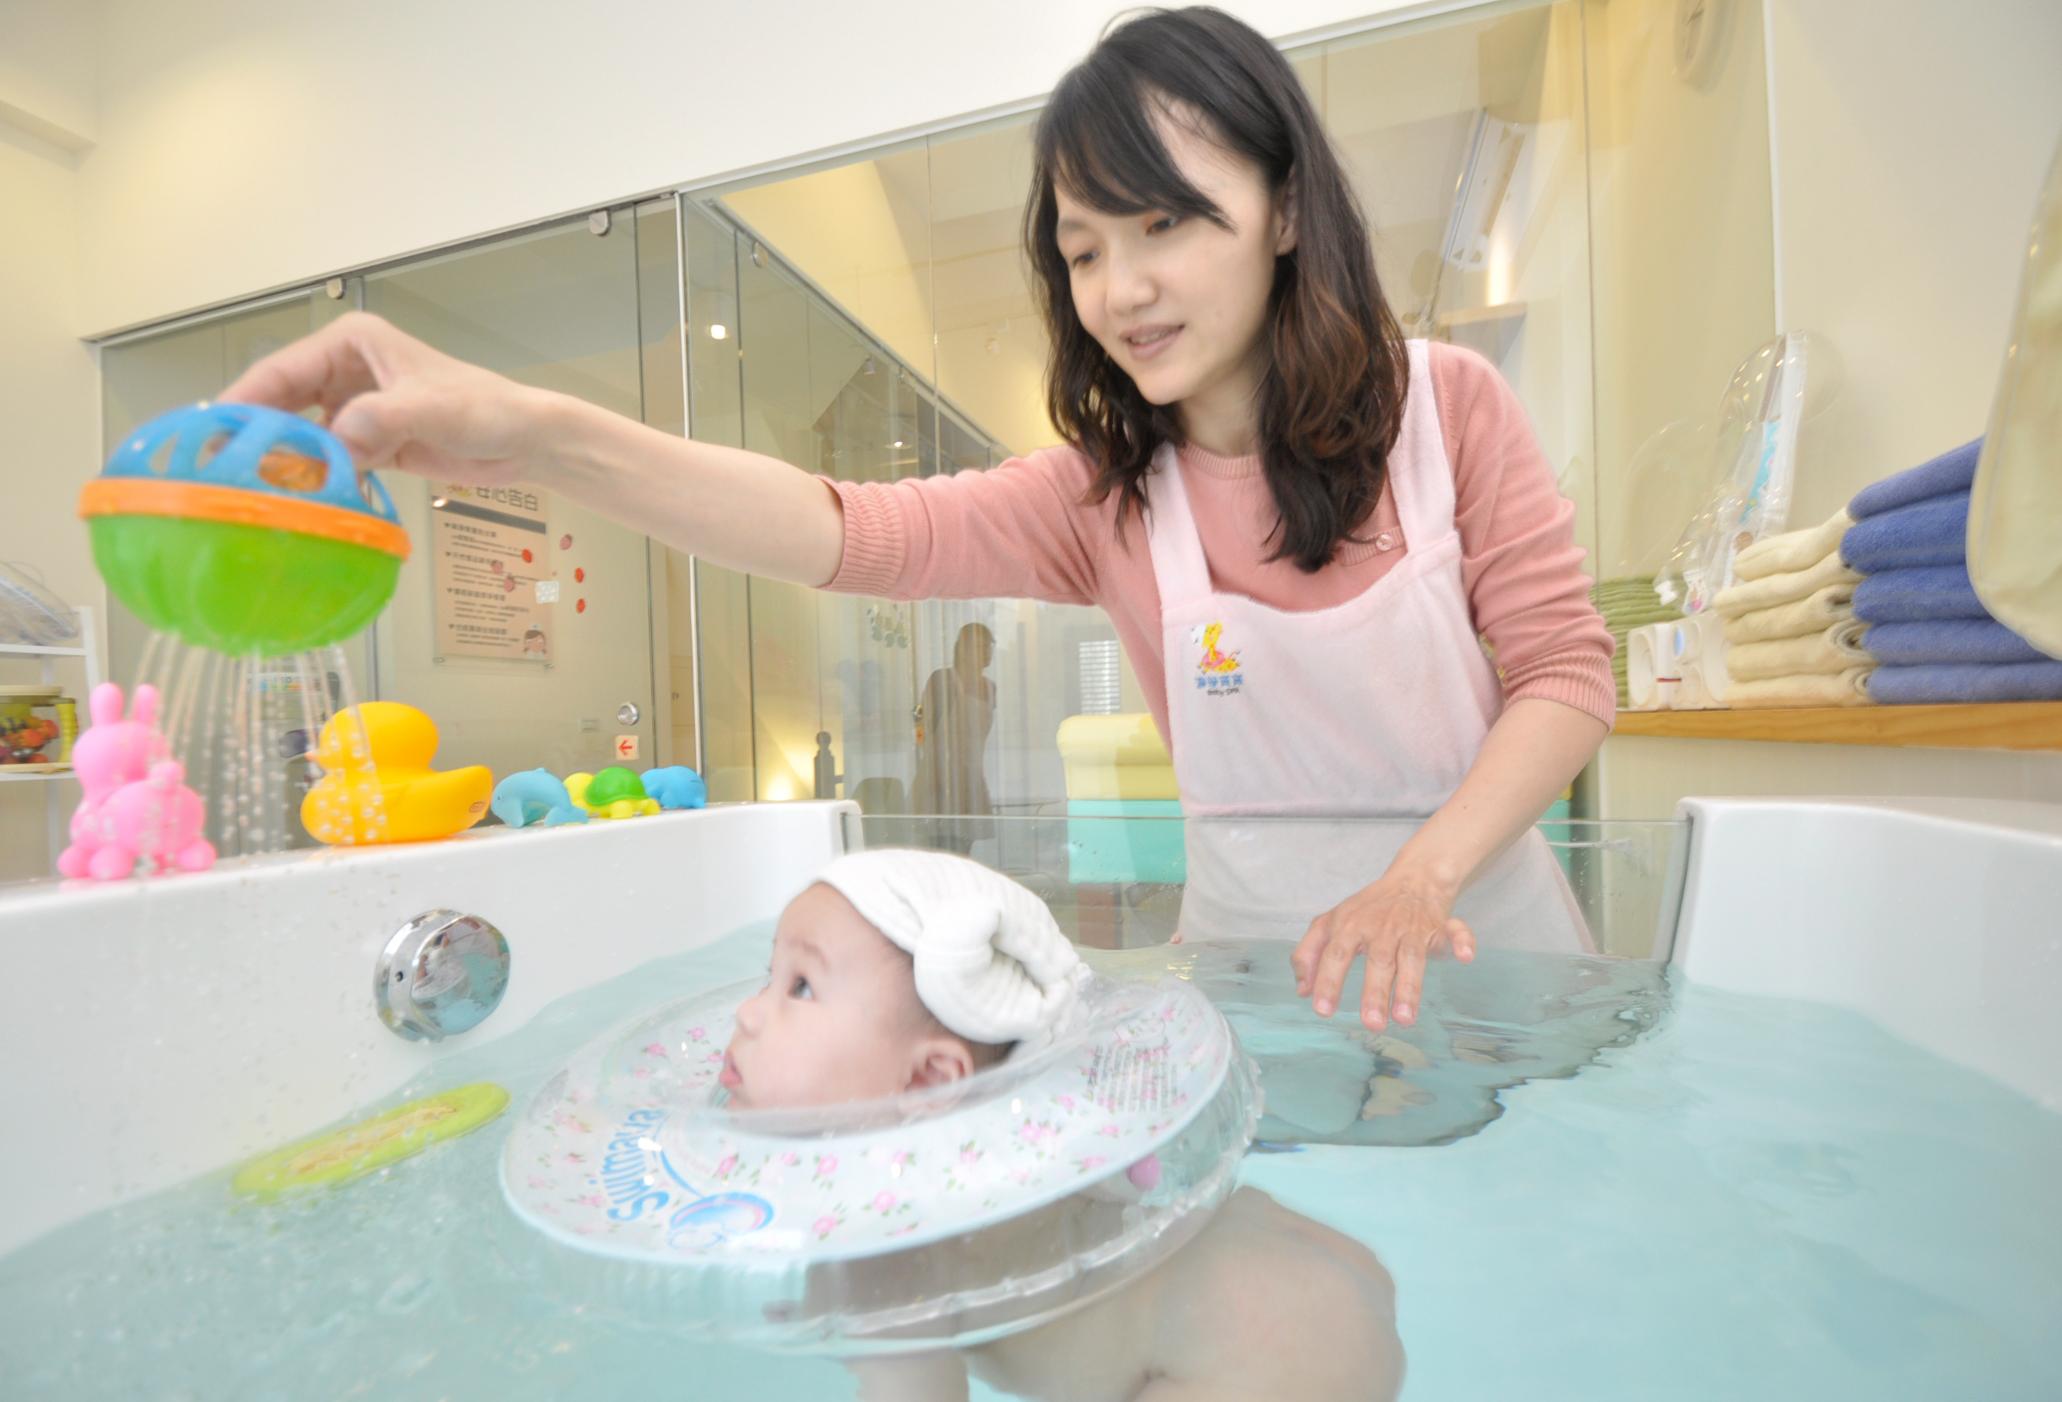 ▲嬰兒SPA課程夯,寶寶透過按摩、游泳、沐浴、護膚等步驟,能減少哭鬧、強化感統能力。